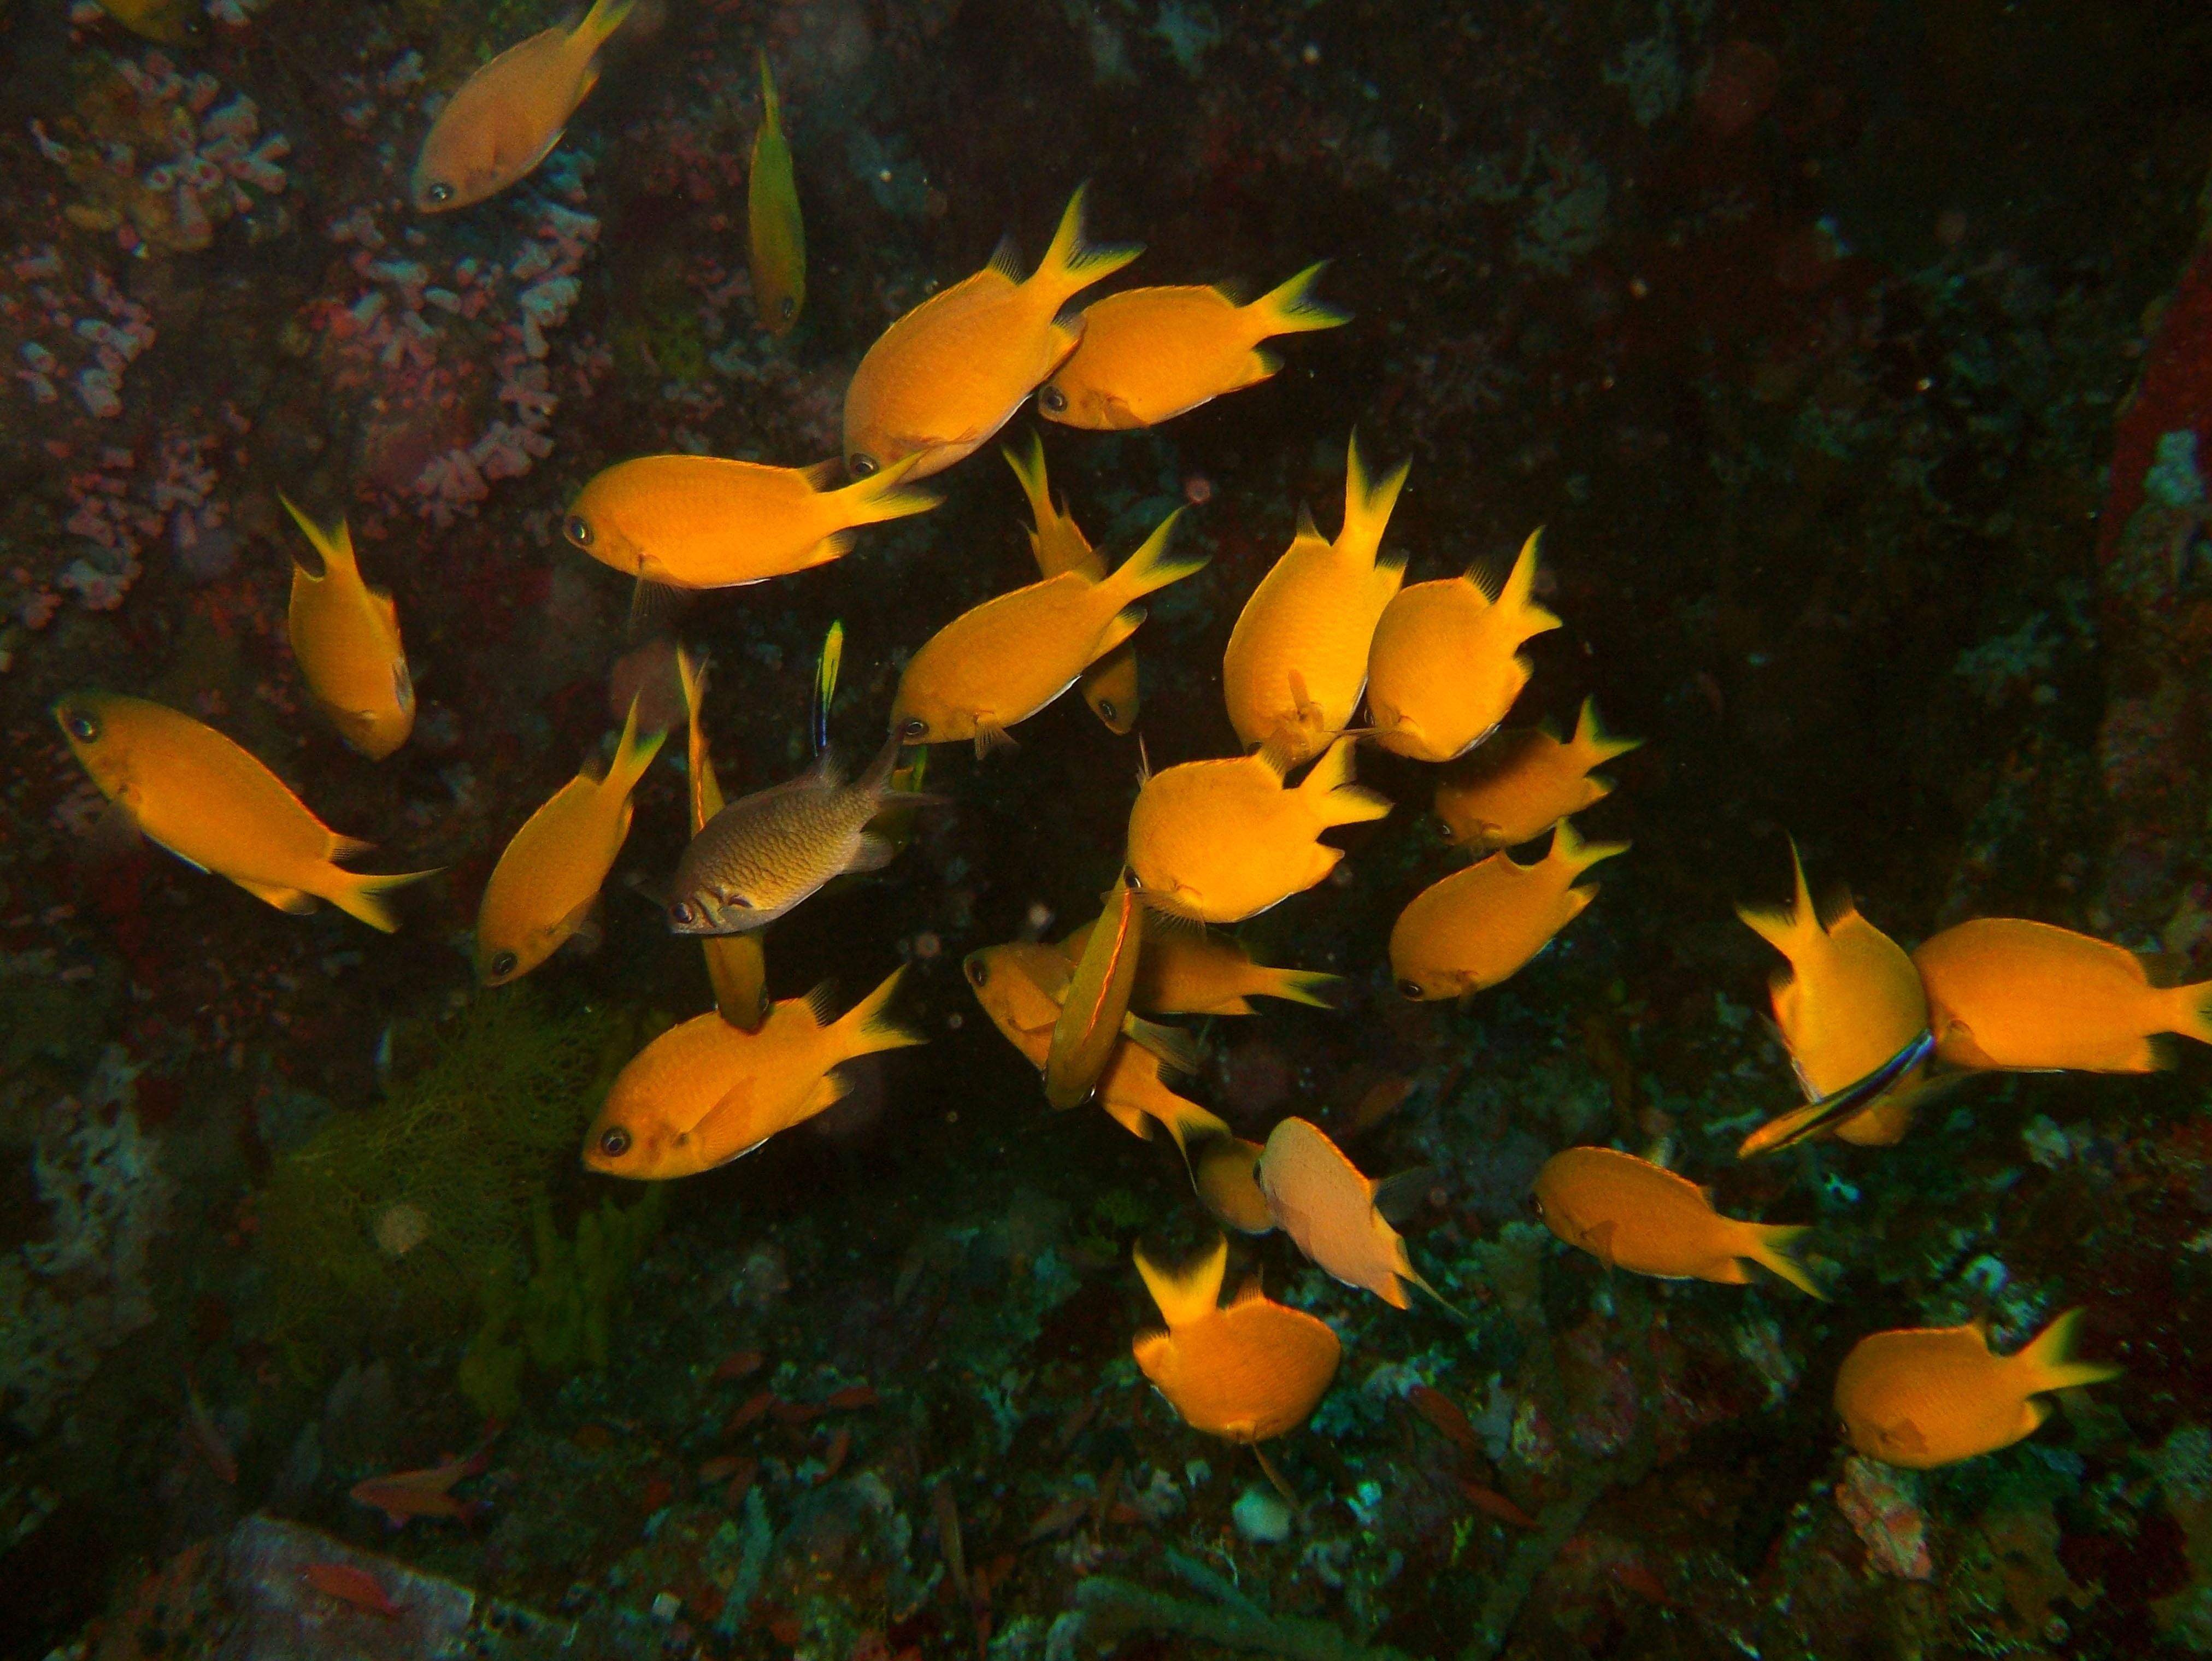 Dive 27 Philippines Mindoro Verdi Island Nov 2005 01